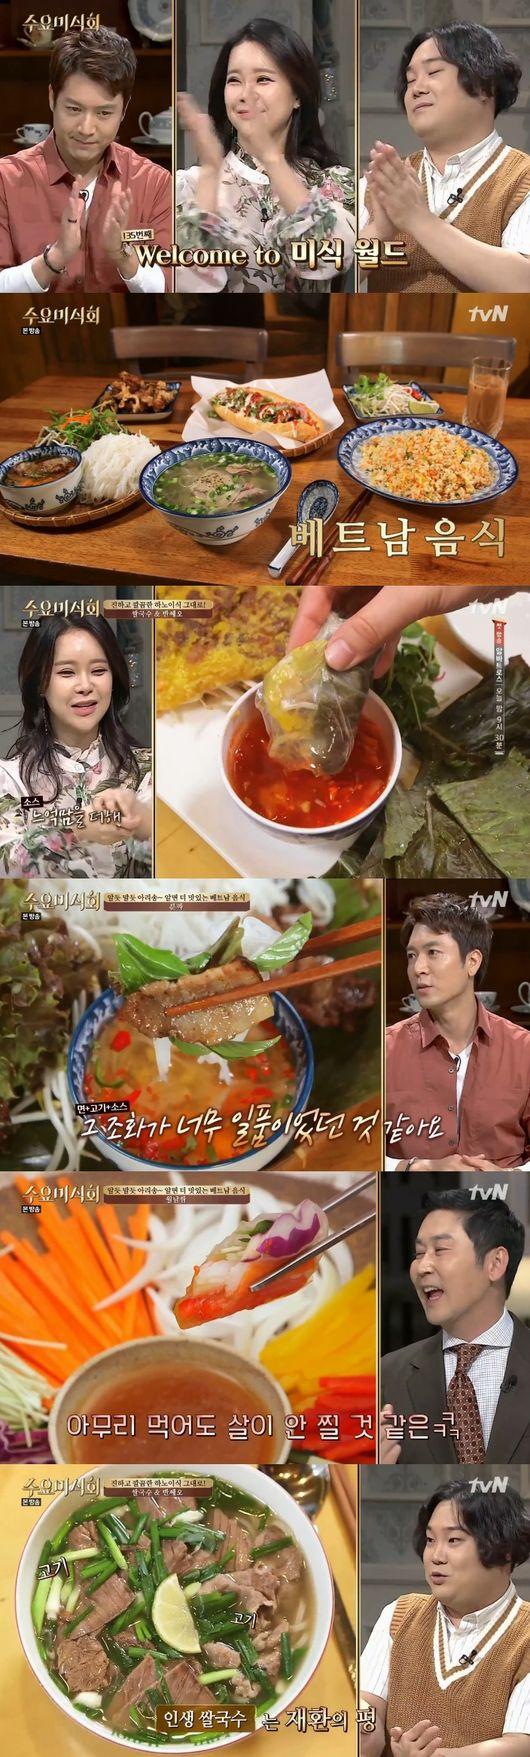 '수요미식회' 백지영·조현재·유재환도 반한 베트남 맛의 향연 [종합]